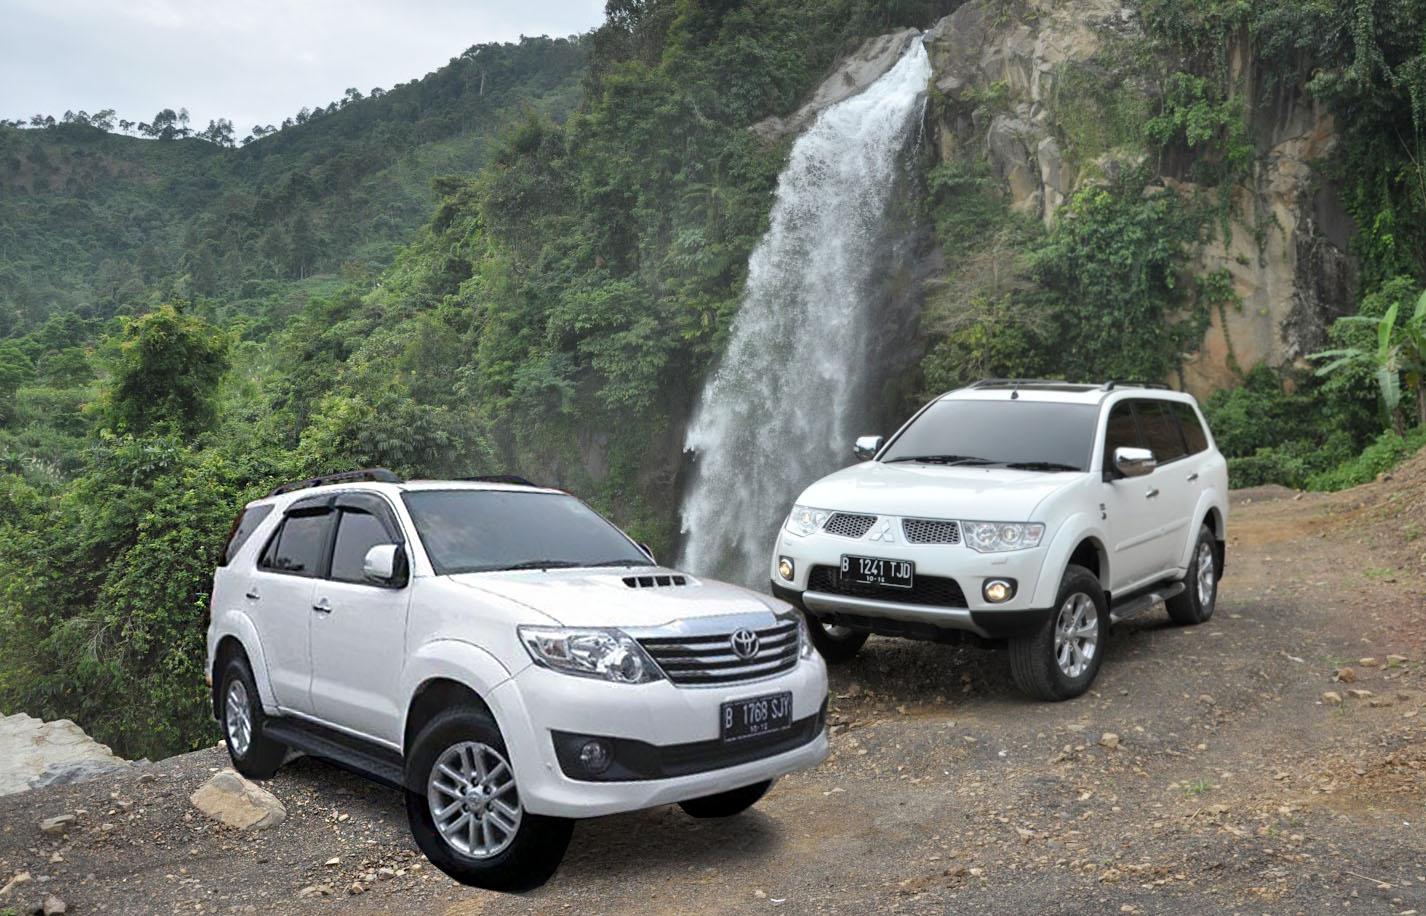 Toyota Fortuner Vnt Vs Mitsubishi Pajero Sport Dakar Andra Febrian Auto Blog